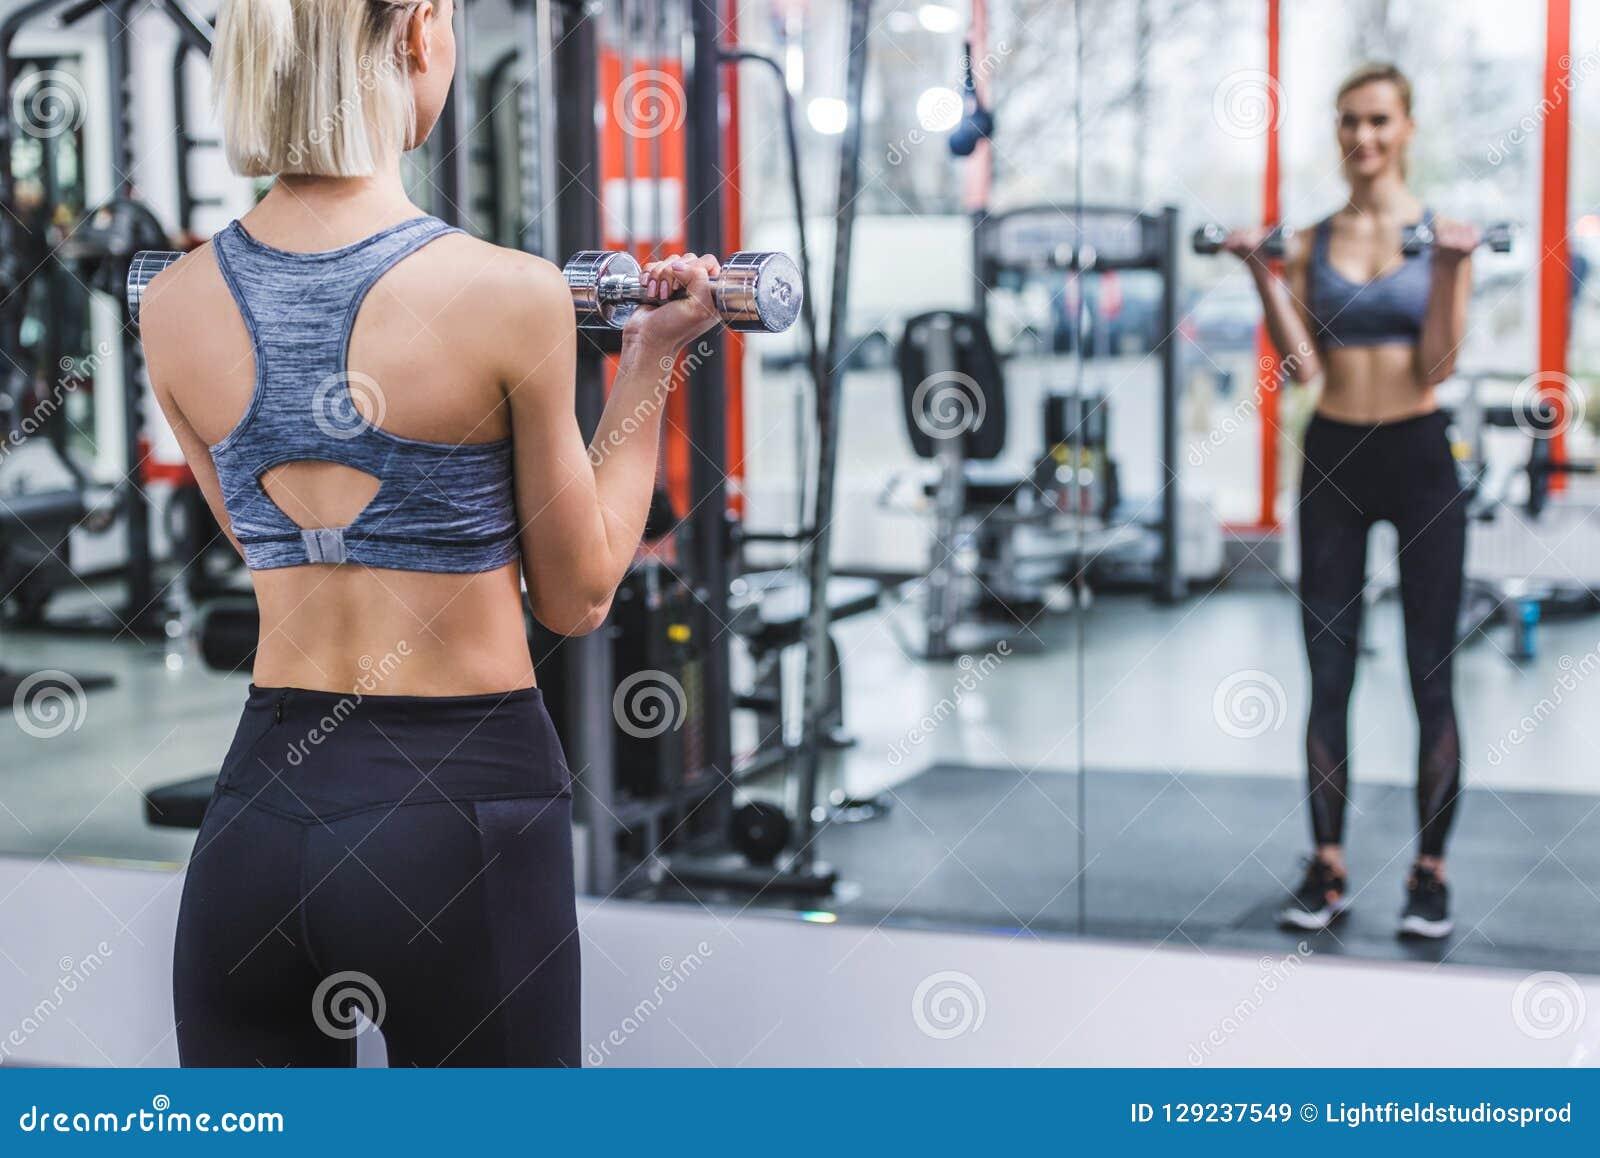 Mujer joven atlética que se resuelve con pesas de gimnasia delante del espejo